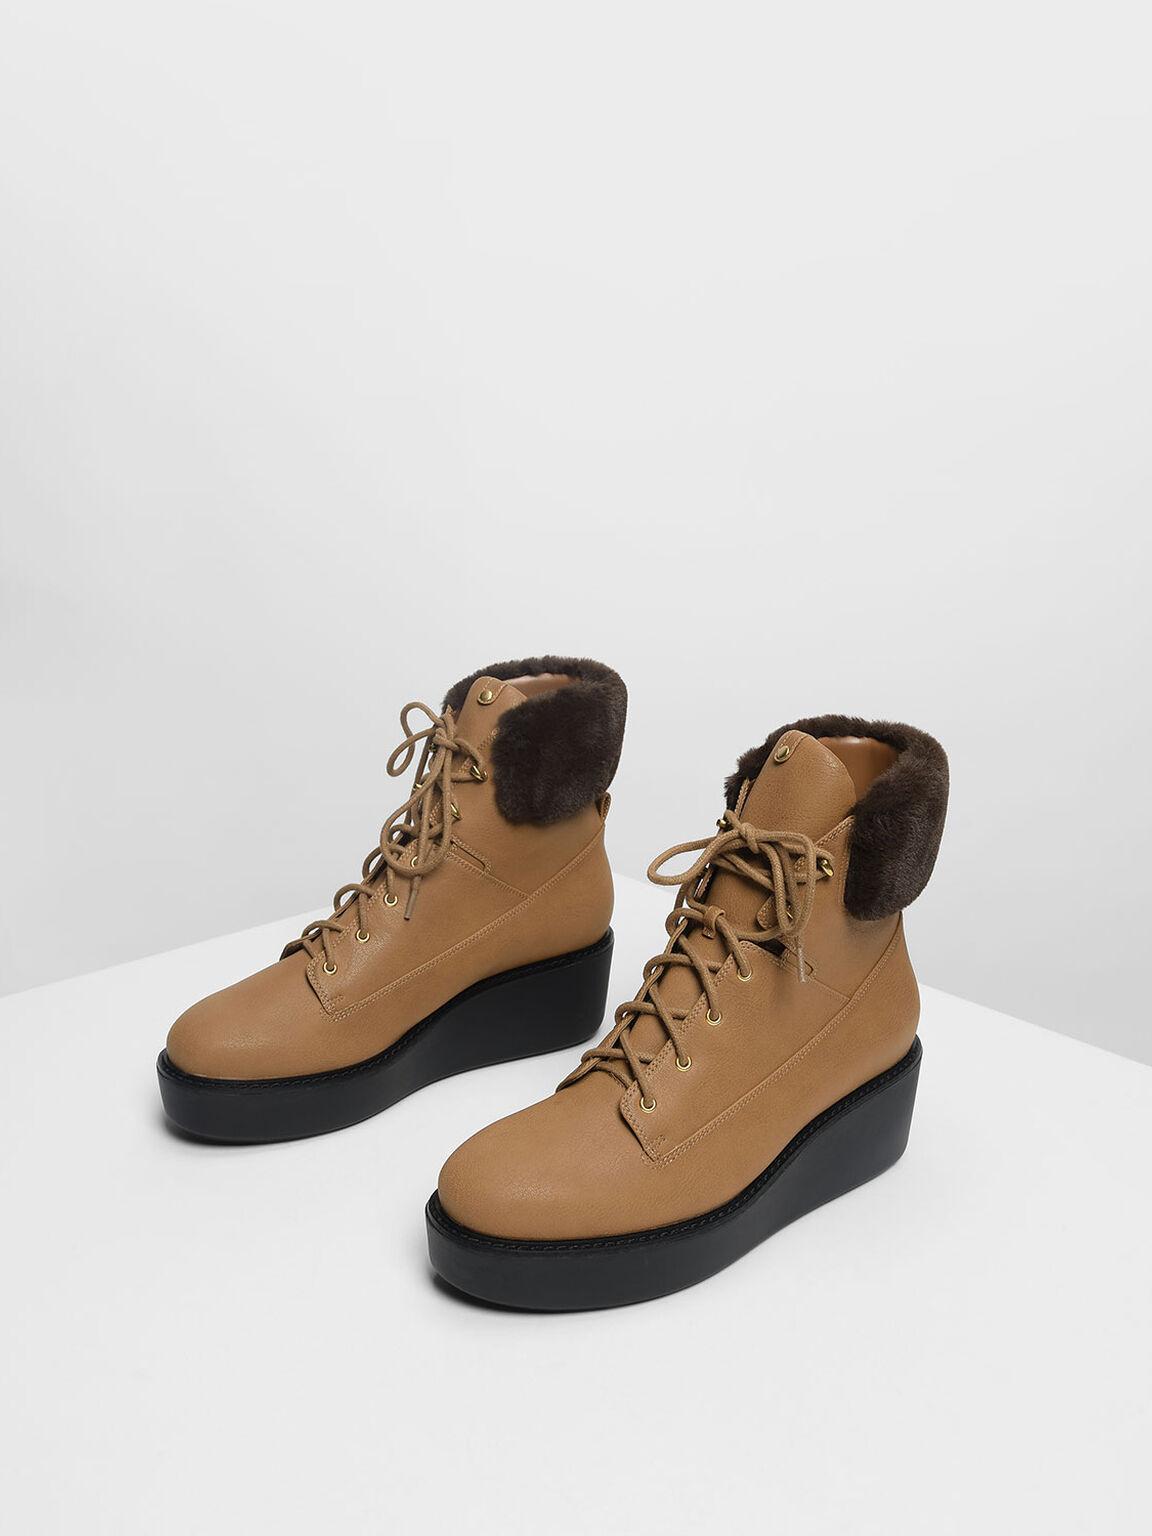 Furry Cuff Platform Ankle Boots, Cognac, hi-res